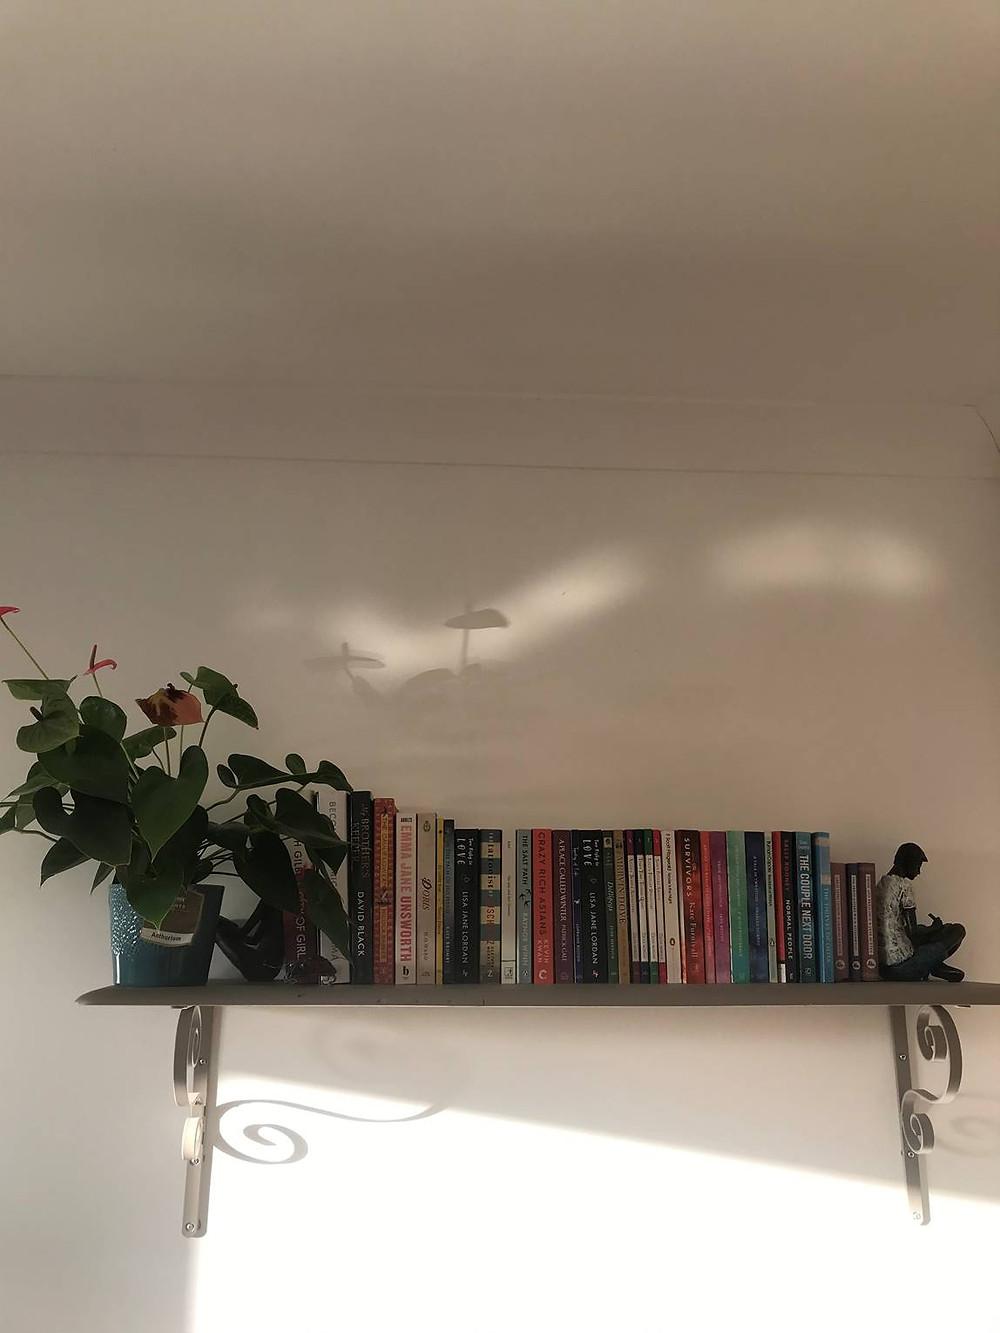 Jemma's bookshelves